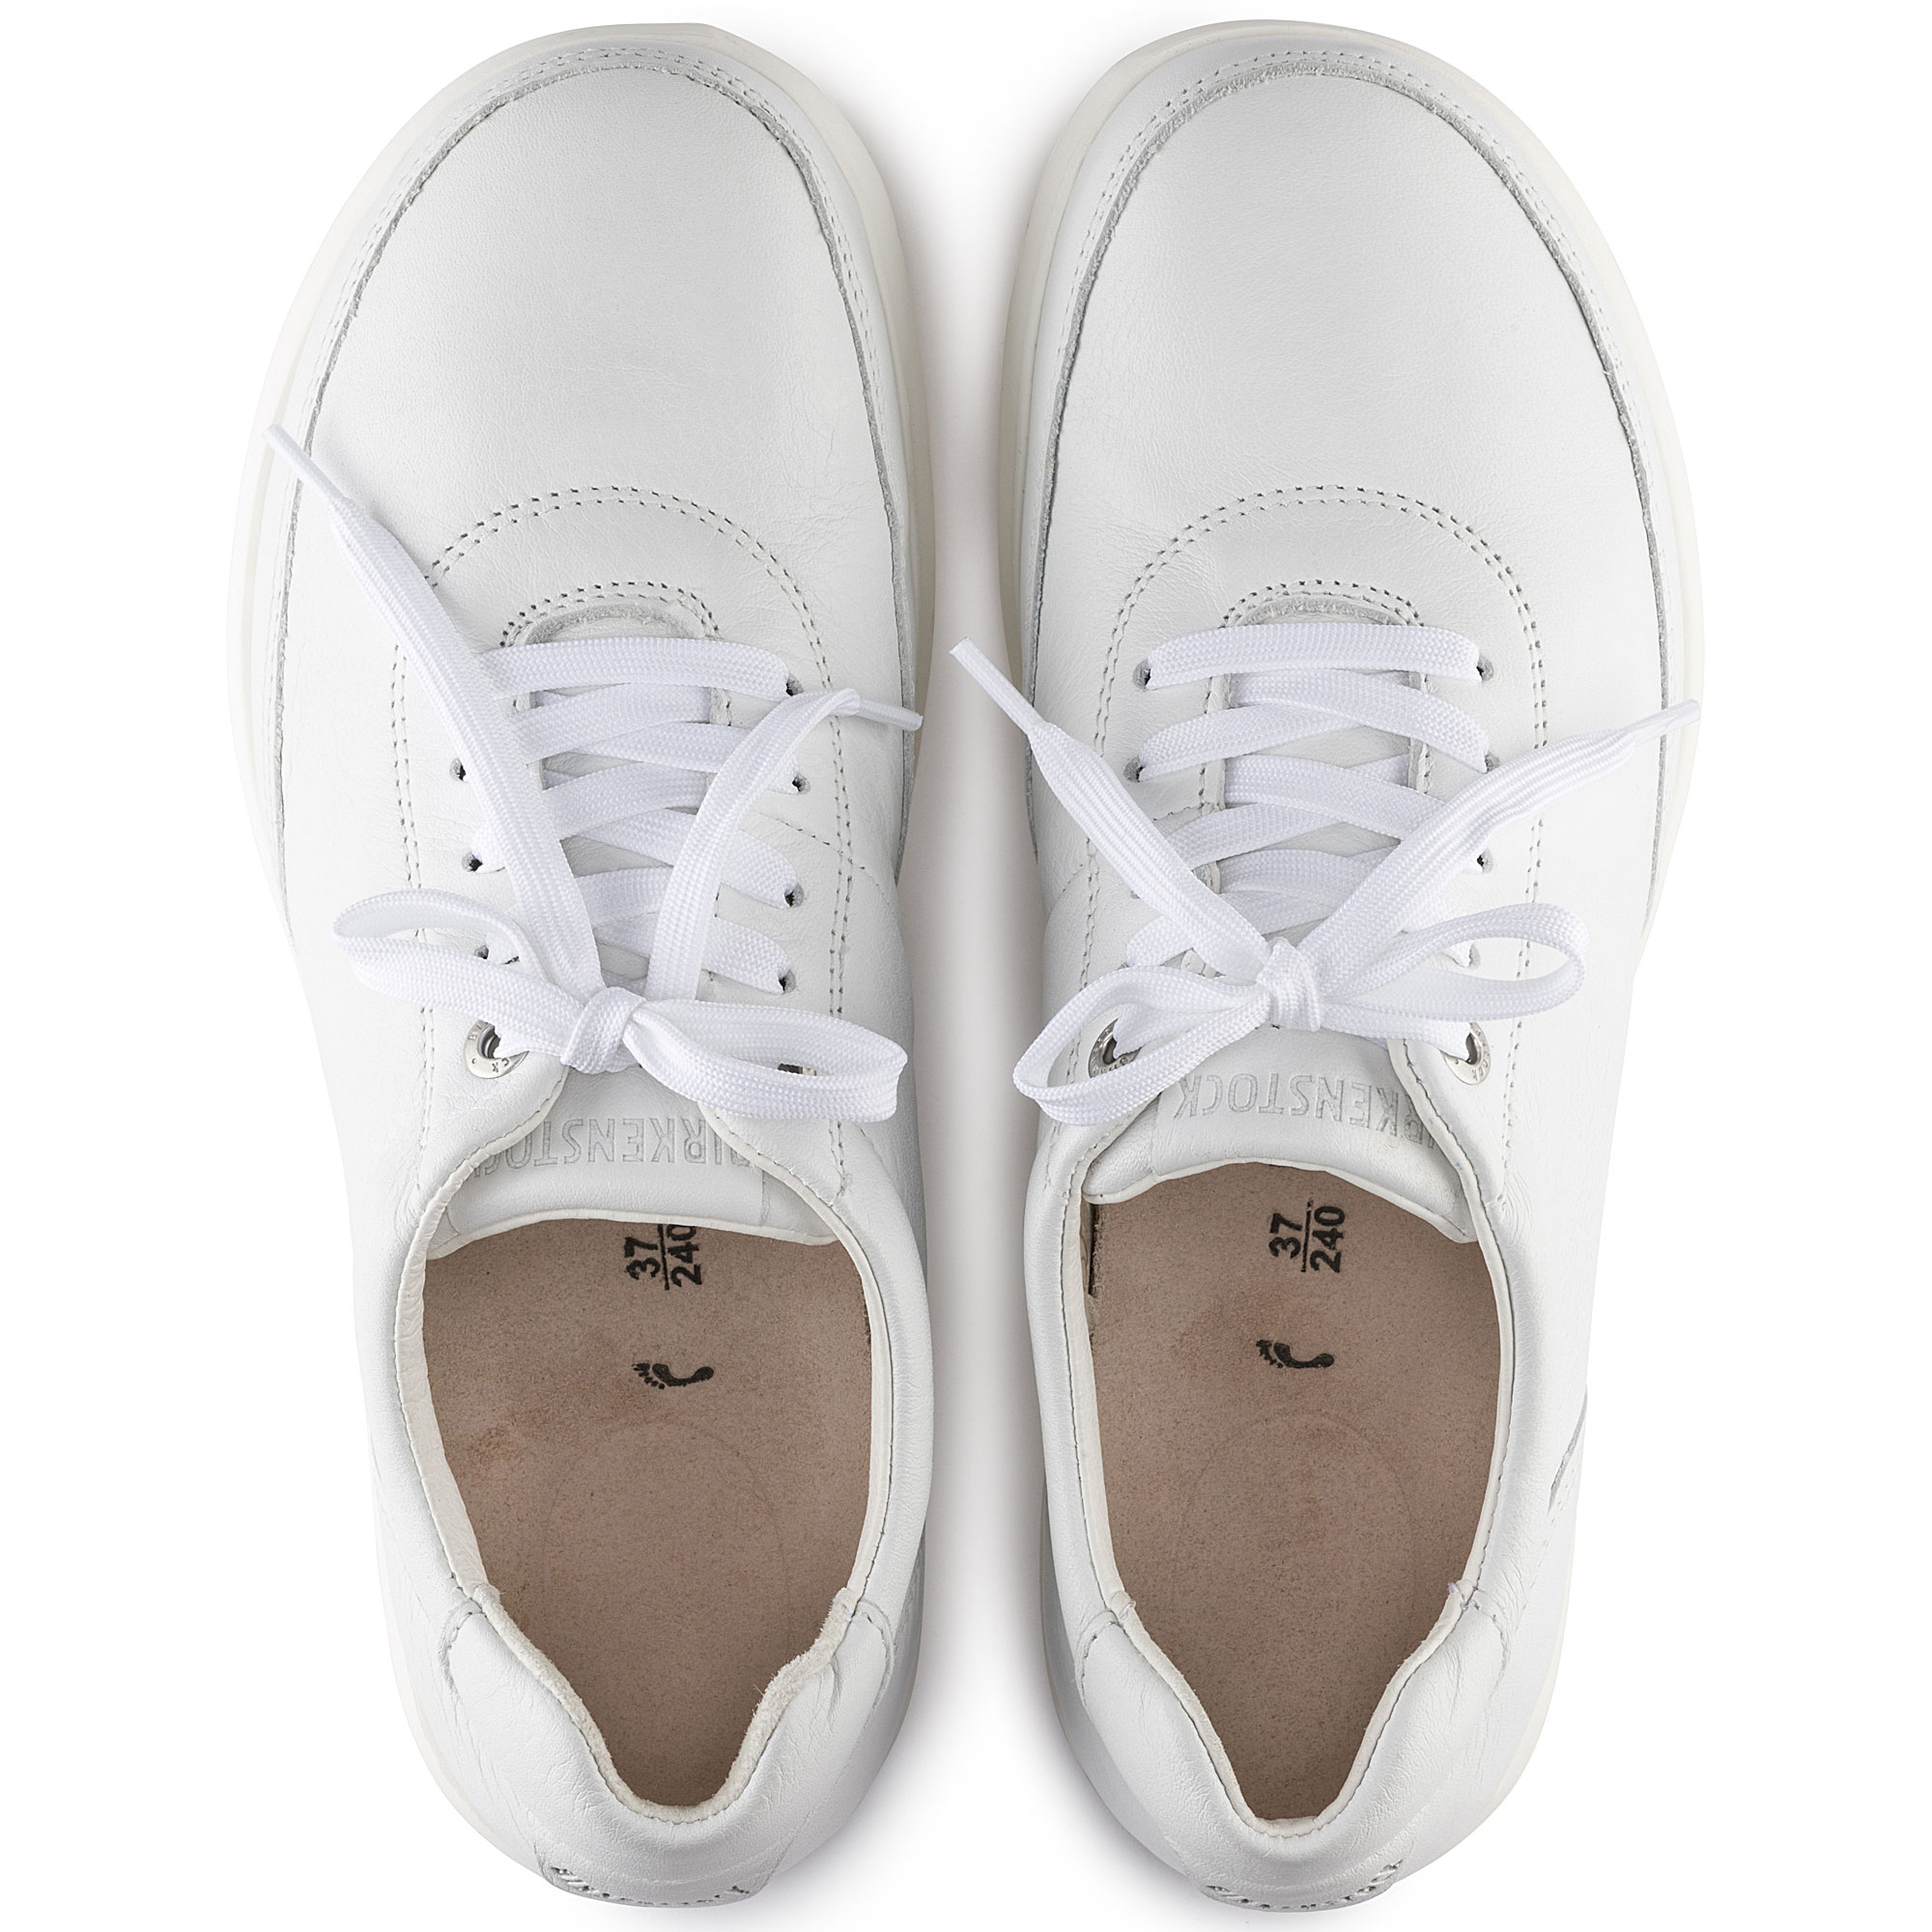 815e9d927d78 Manitoba Natural Leather White · Manitoba Natural Leather White ...